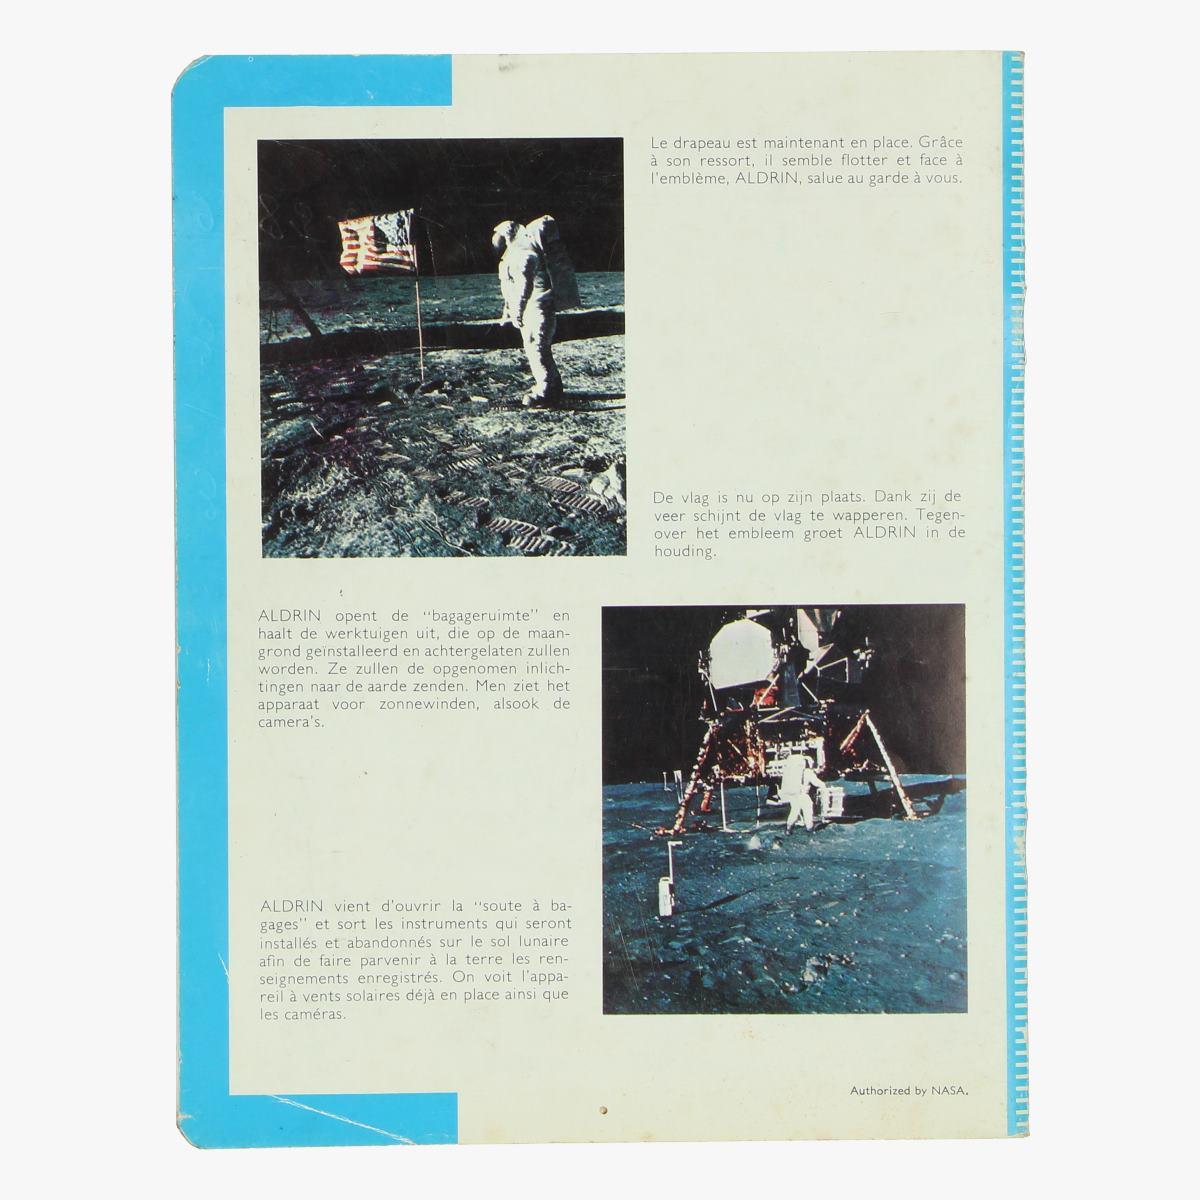 Afbeeldingen van succes amstrong wandelt op de maan athorized by nasa